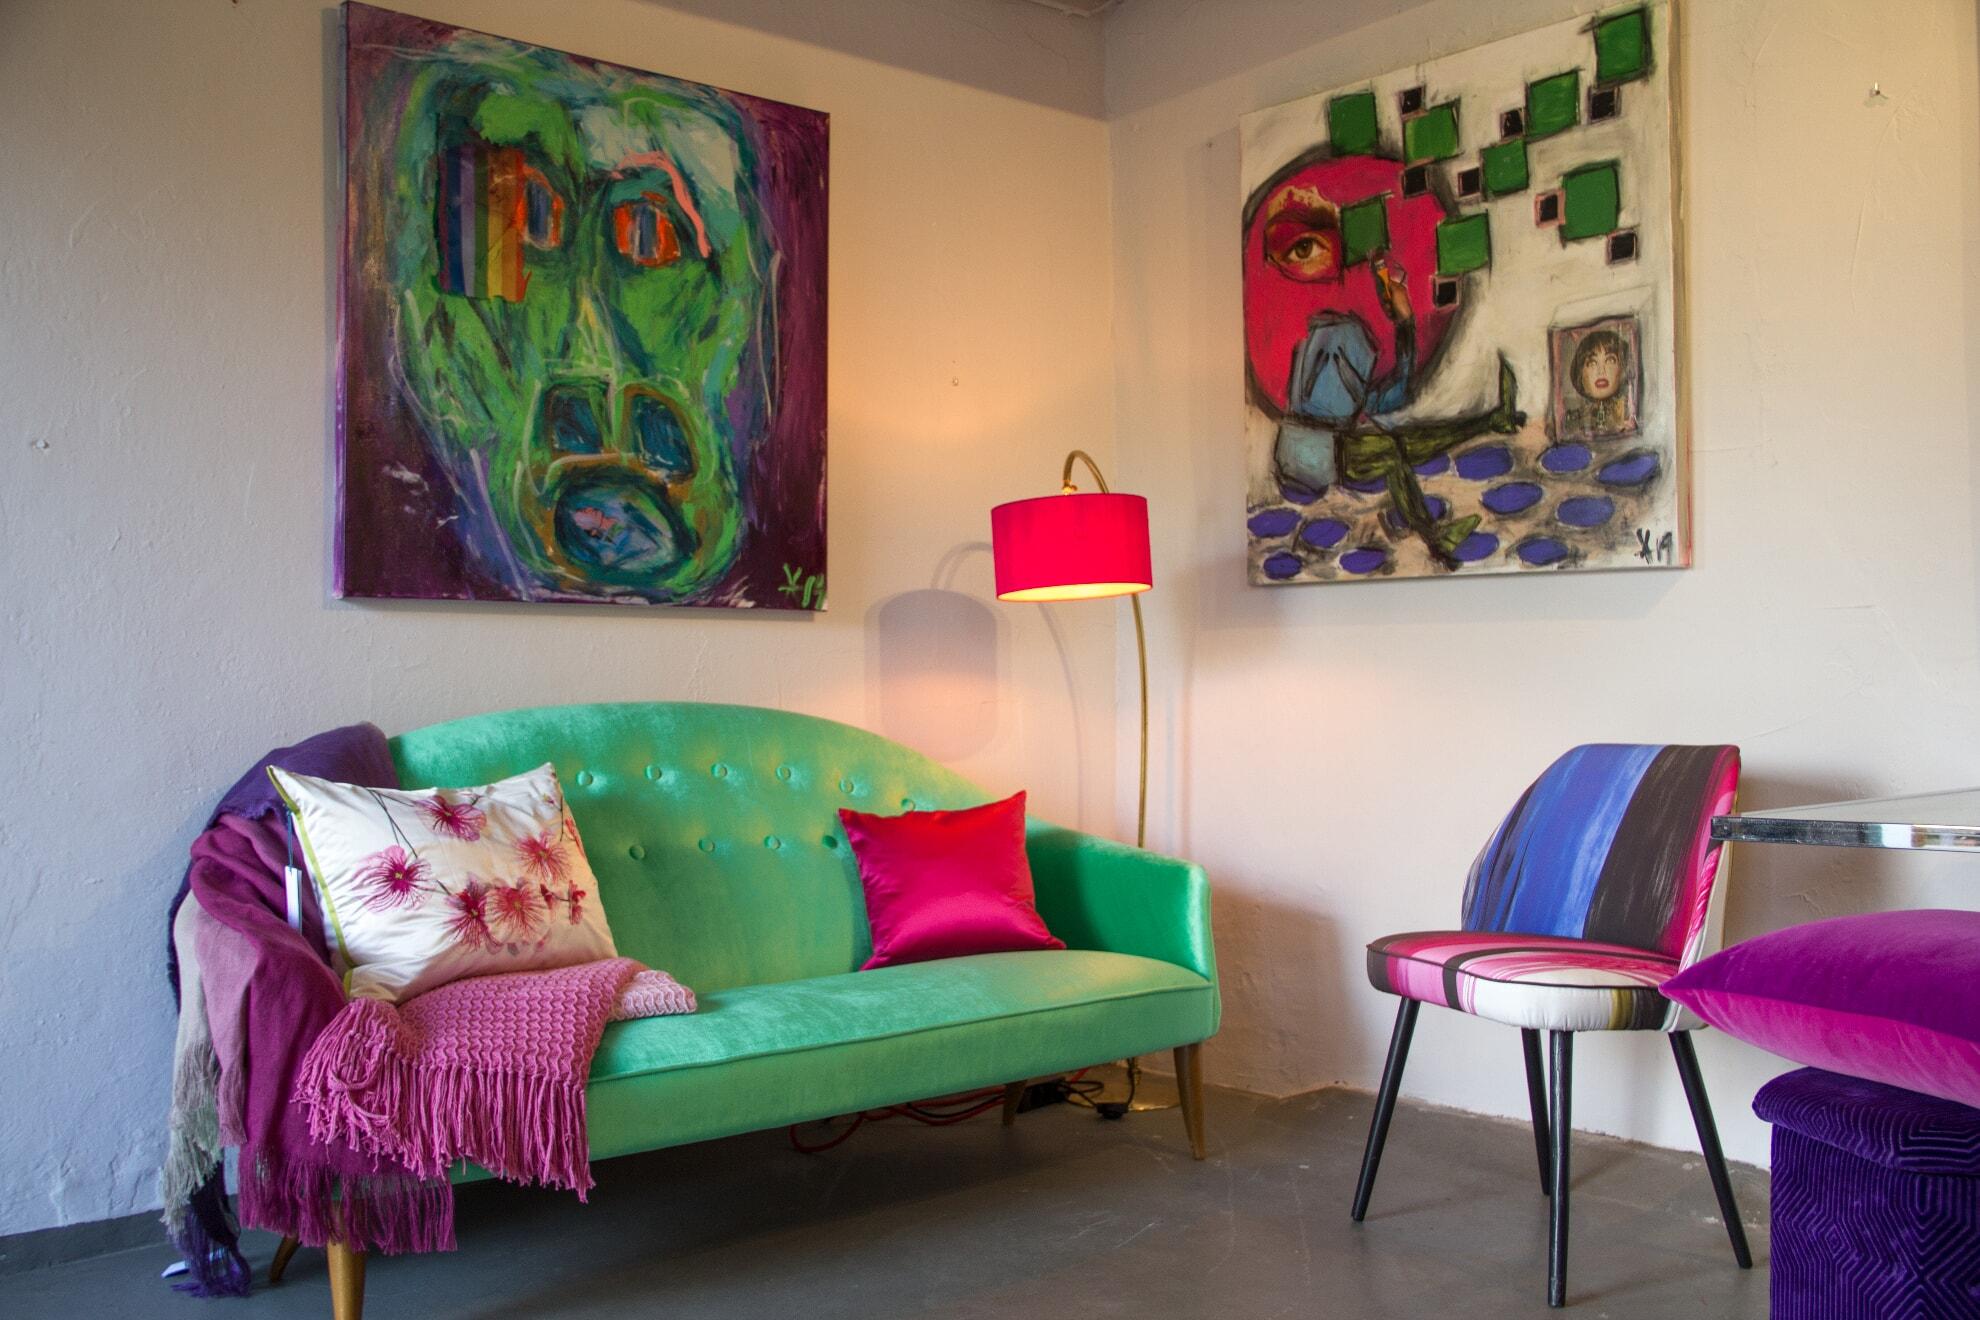 Galerie Sewing-Delius